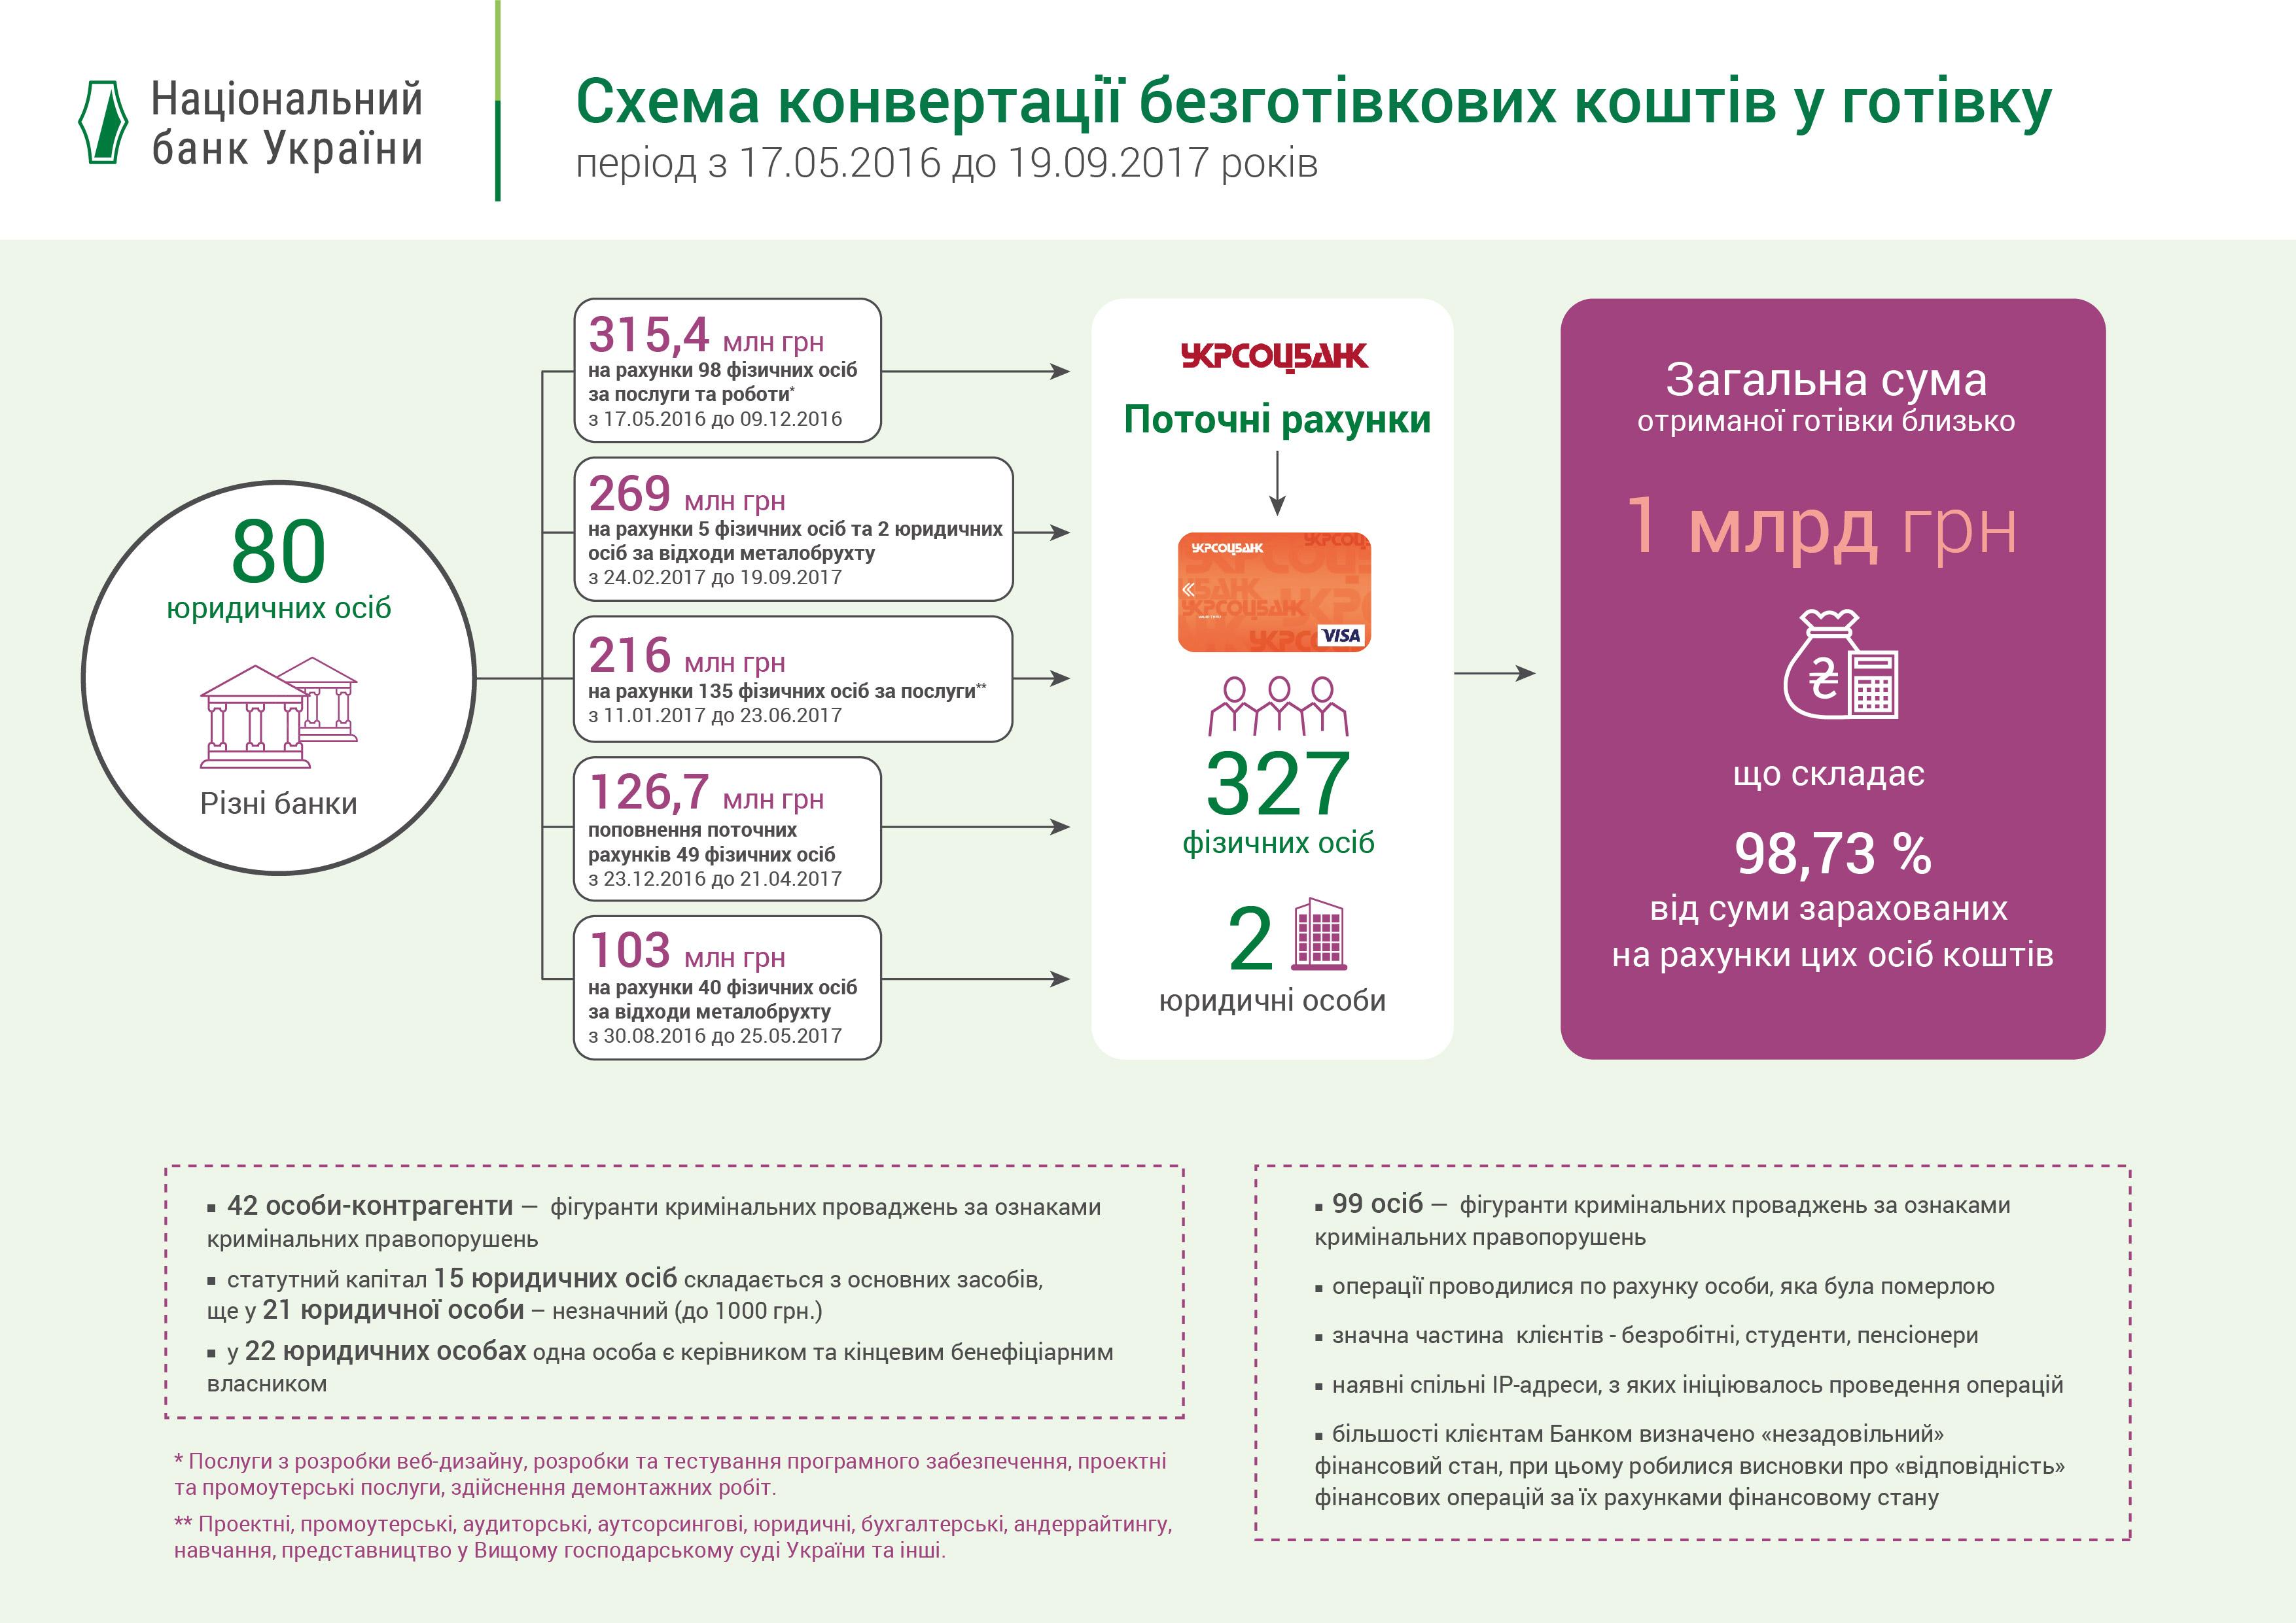 НБУ раскрыл детали обналичивания 1 млрд грн в Укрсоцбанке